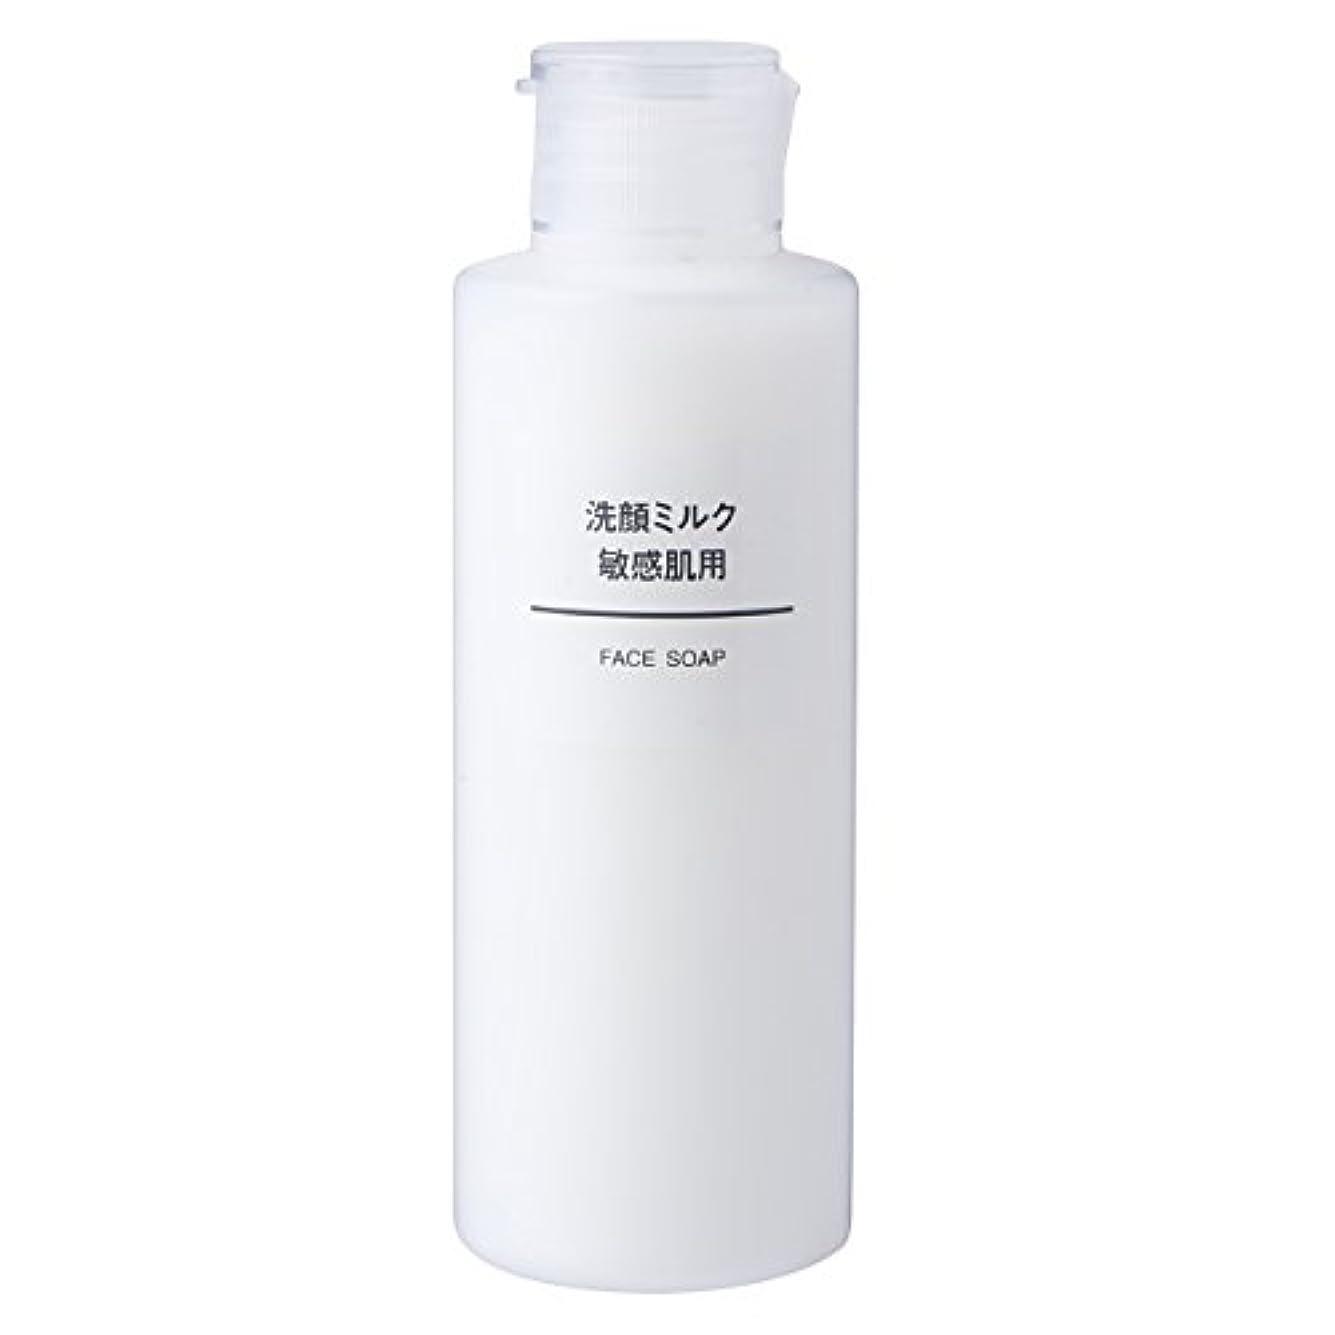 規制あたたかいでも無印良品 洗顔ミルク 敏感肌用 150ml